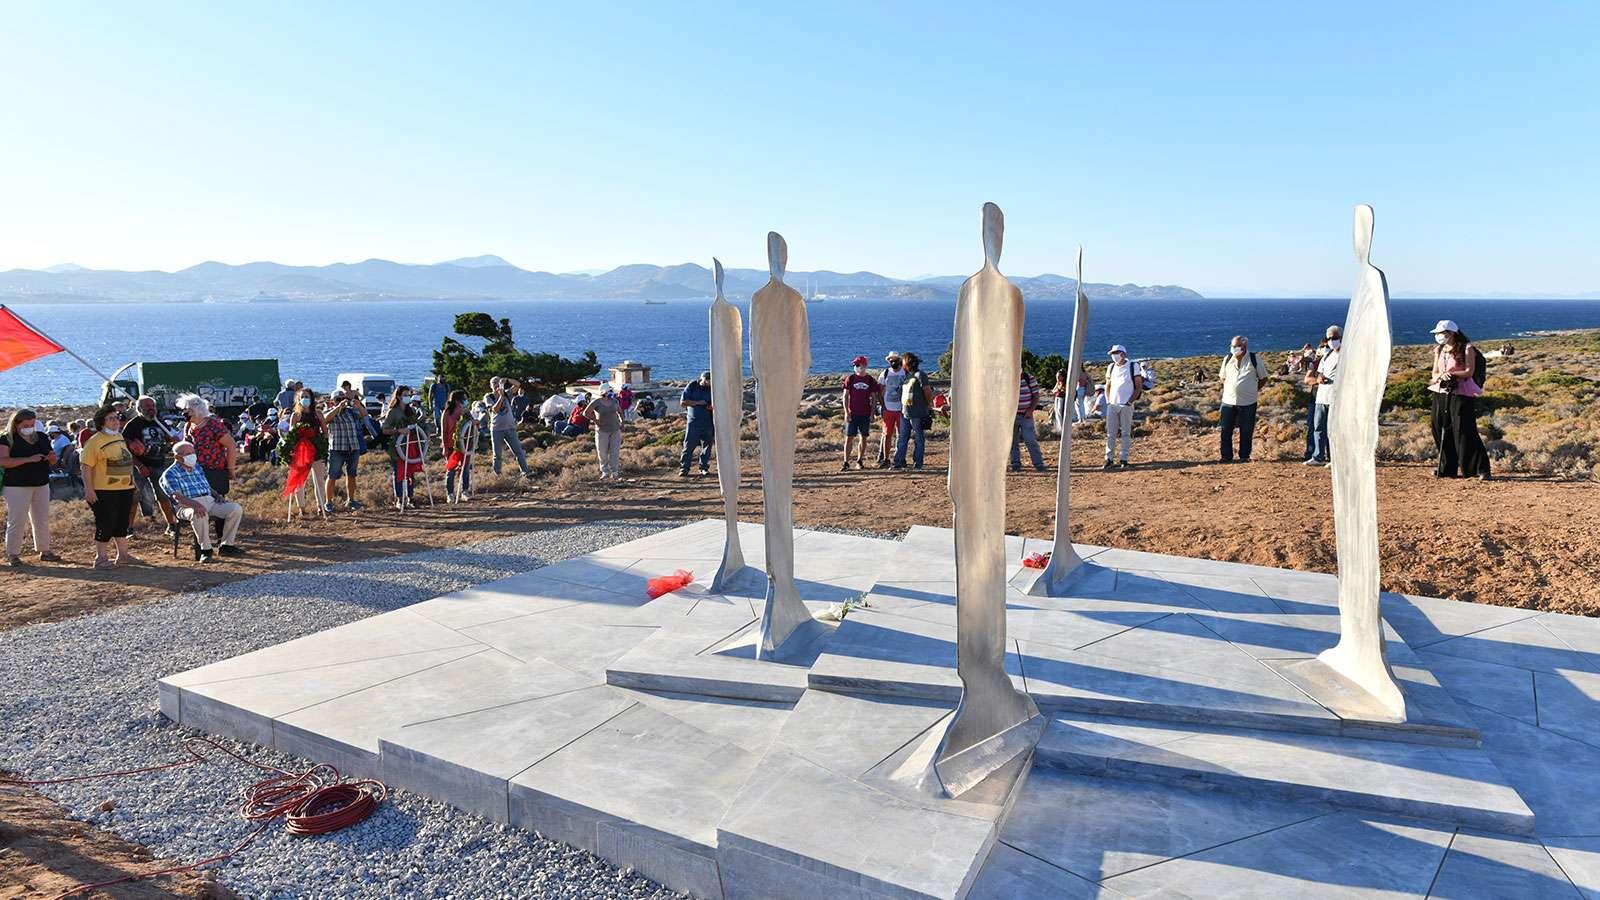 ΚΕ ΚΚΕ εκδήλωση ΚΚΕ Μακρόνησος Μνημείο